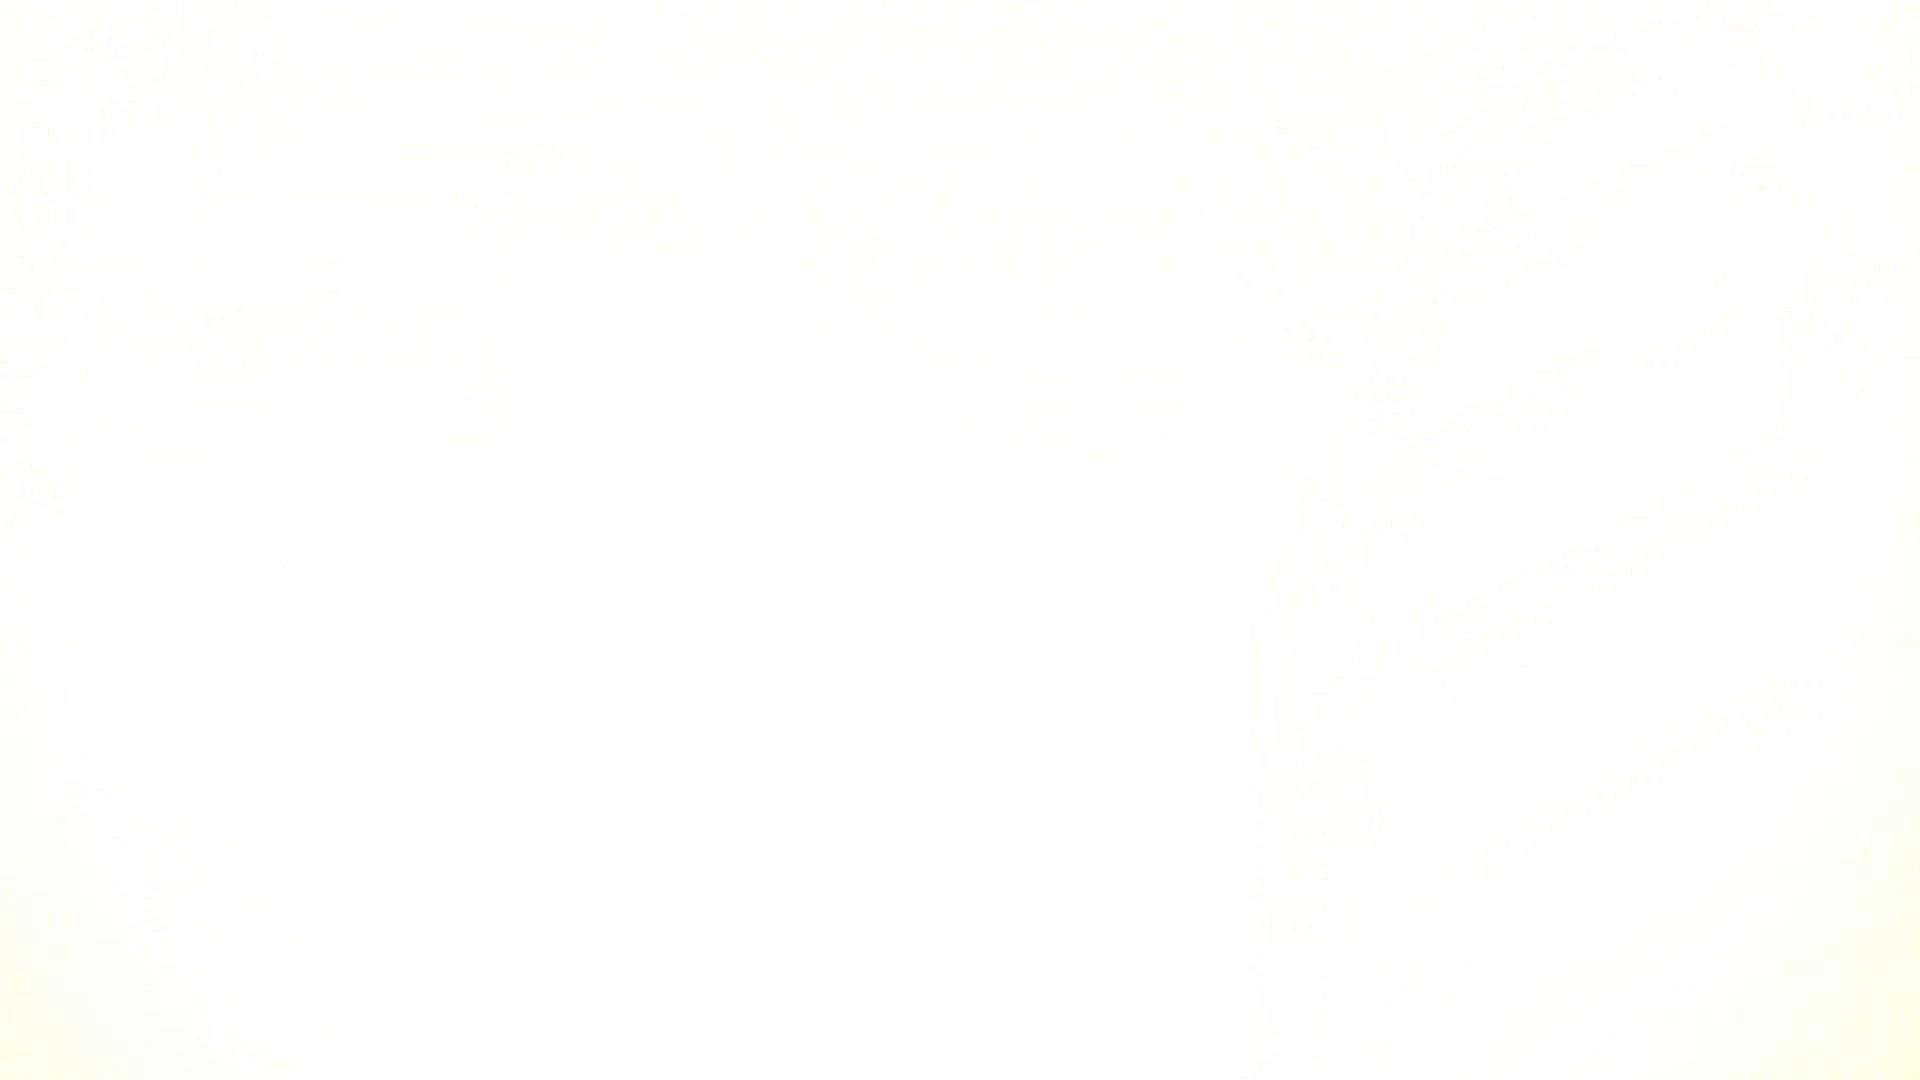 ※100個限定販売 至高下半身盗撮 プレミアム Vol.13 ハイビジョン お姉さん攻略 えろ無修正画像 113画像 67